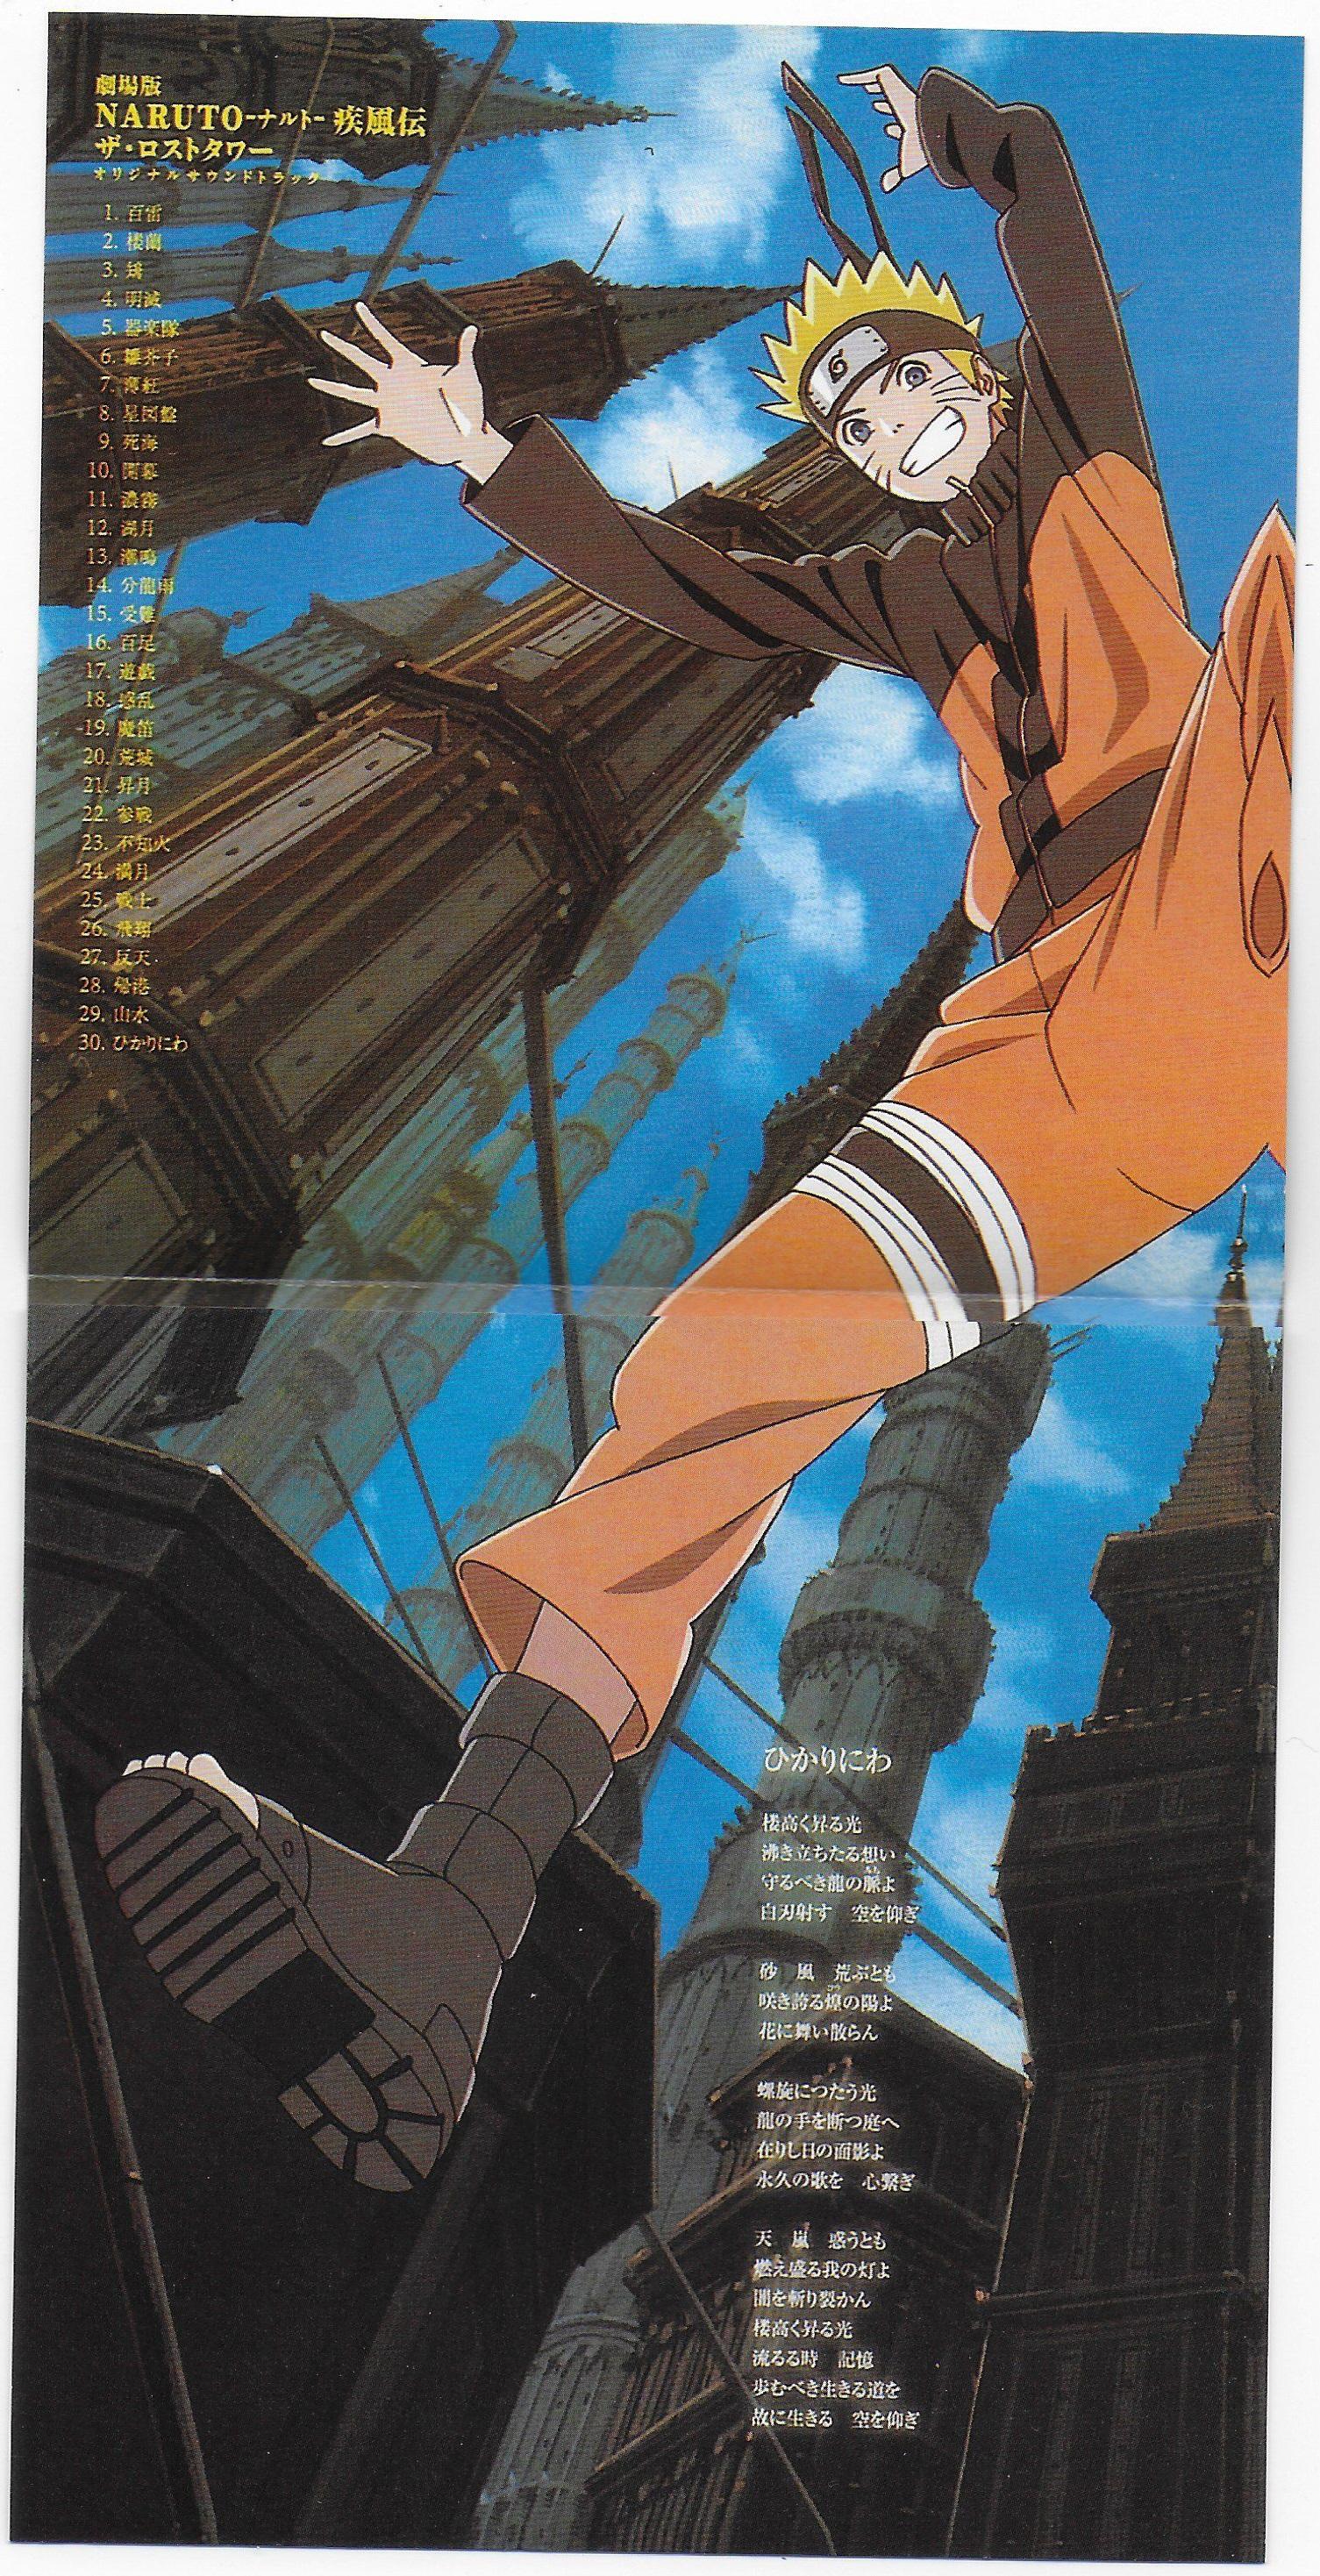 Uzumaki Naruto Image #3099918 - Zerochan Anime Image Board